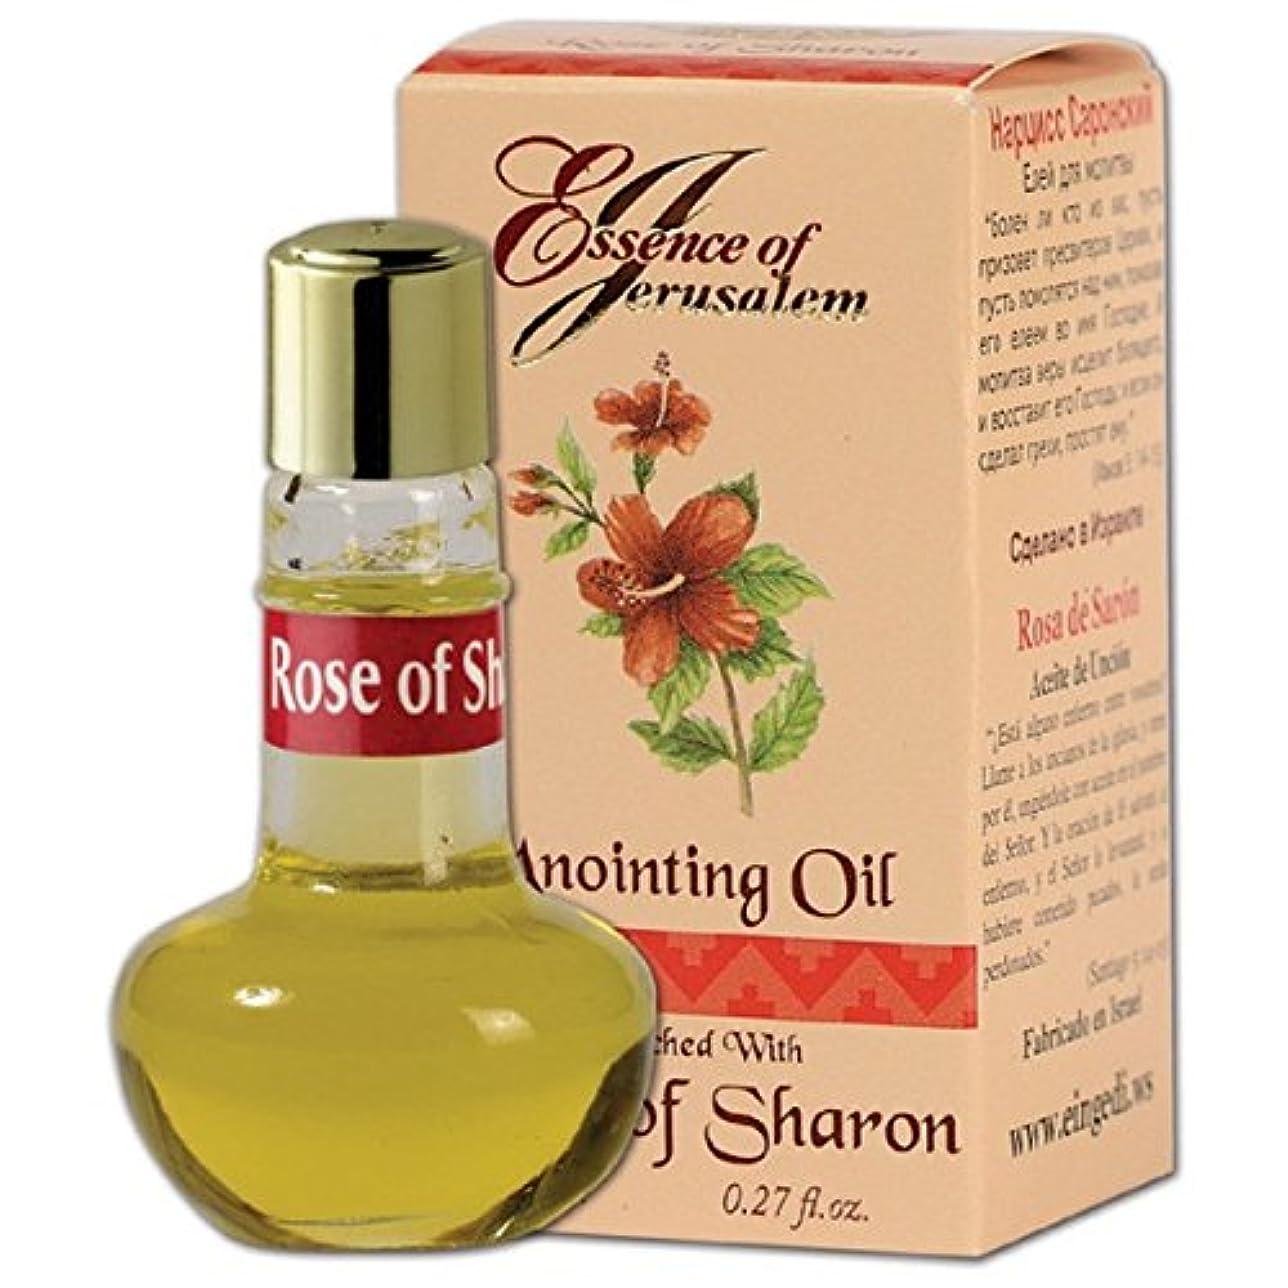 フォーラム利得酒Essence of Jerusalem Anointing Oil Enriched with Biblicalスパイス0.27 FL OZ byベツレヘムギフトTM